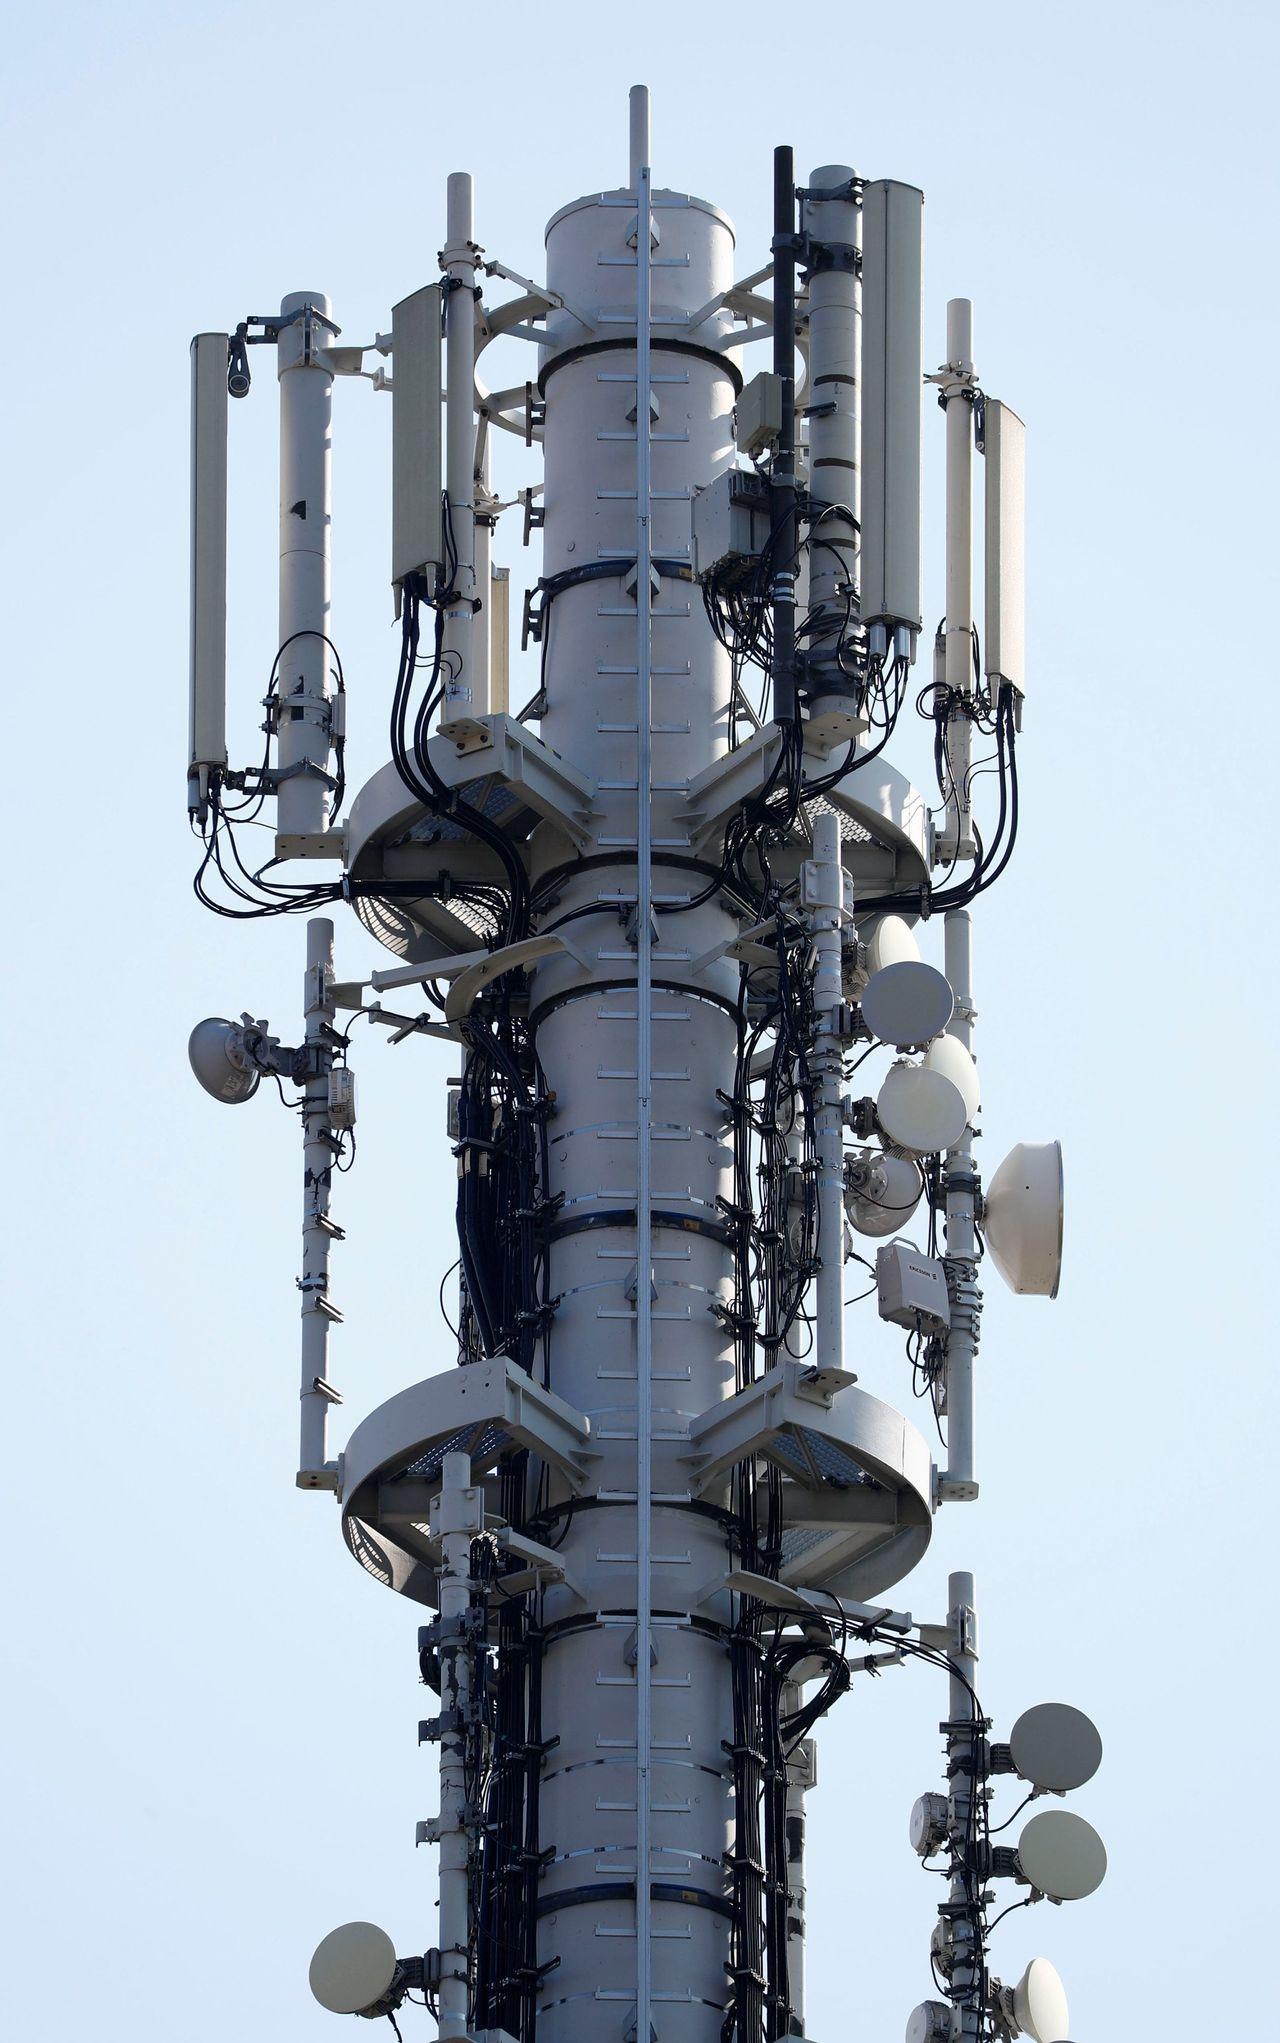 德國主管機關:如果華為滿足所有要求,就可以參與5G網路的開展。路透